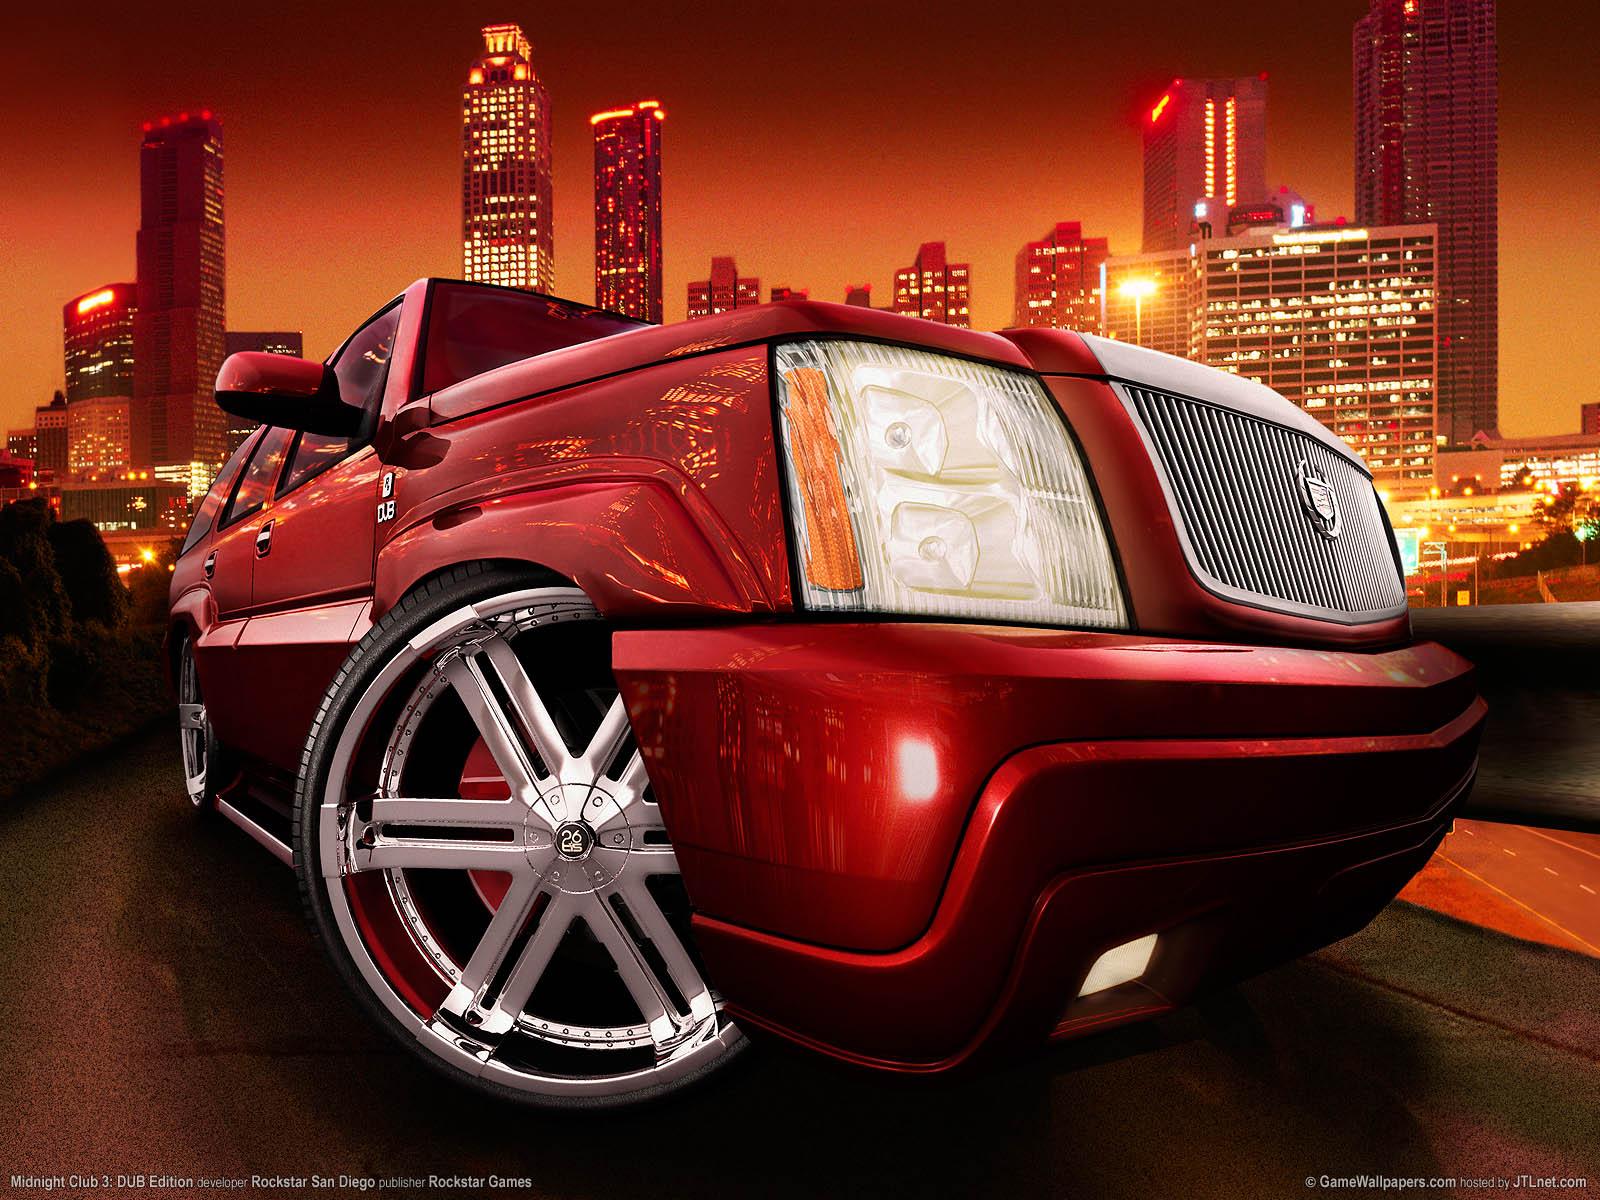 Carros De Tuning Autos Tunados 346165 Wallpaper wallpaper